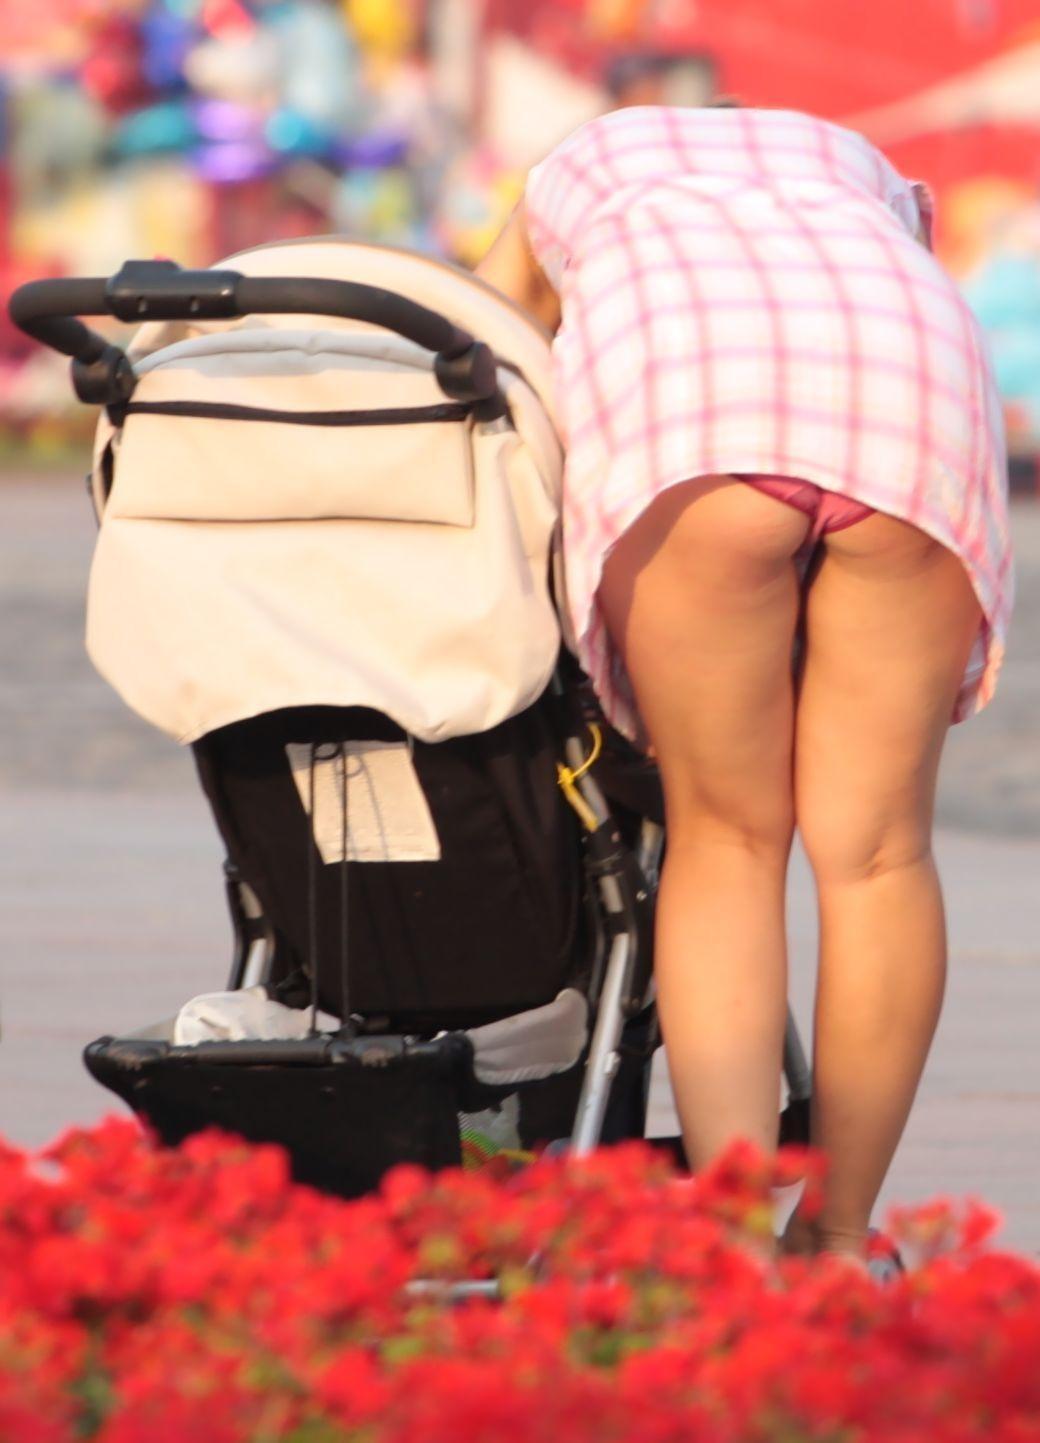 人妻熟女のパンチラ盗撮wwwエロい格好で下着見せちゃう外国人ポルノエロ画像wwww 9 97